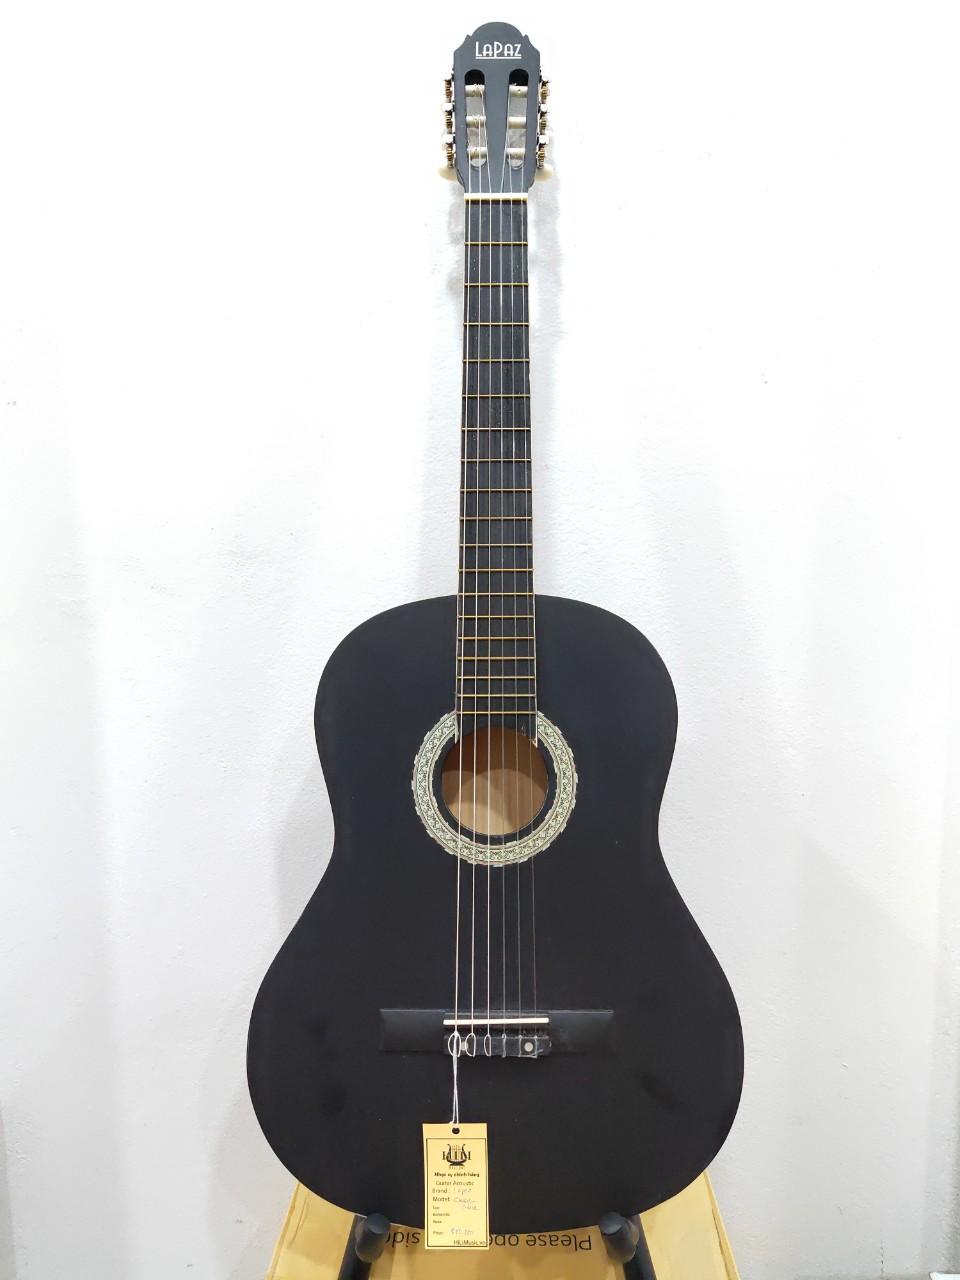 Đàn Guitar Classic Polywood giá rẻ có ty chỉnh cần